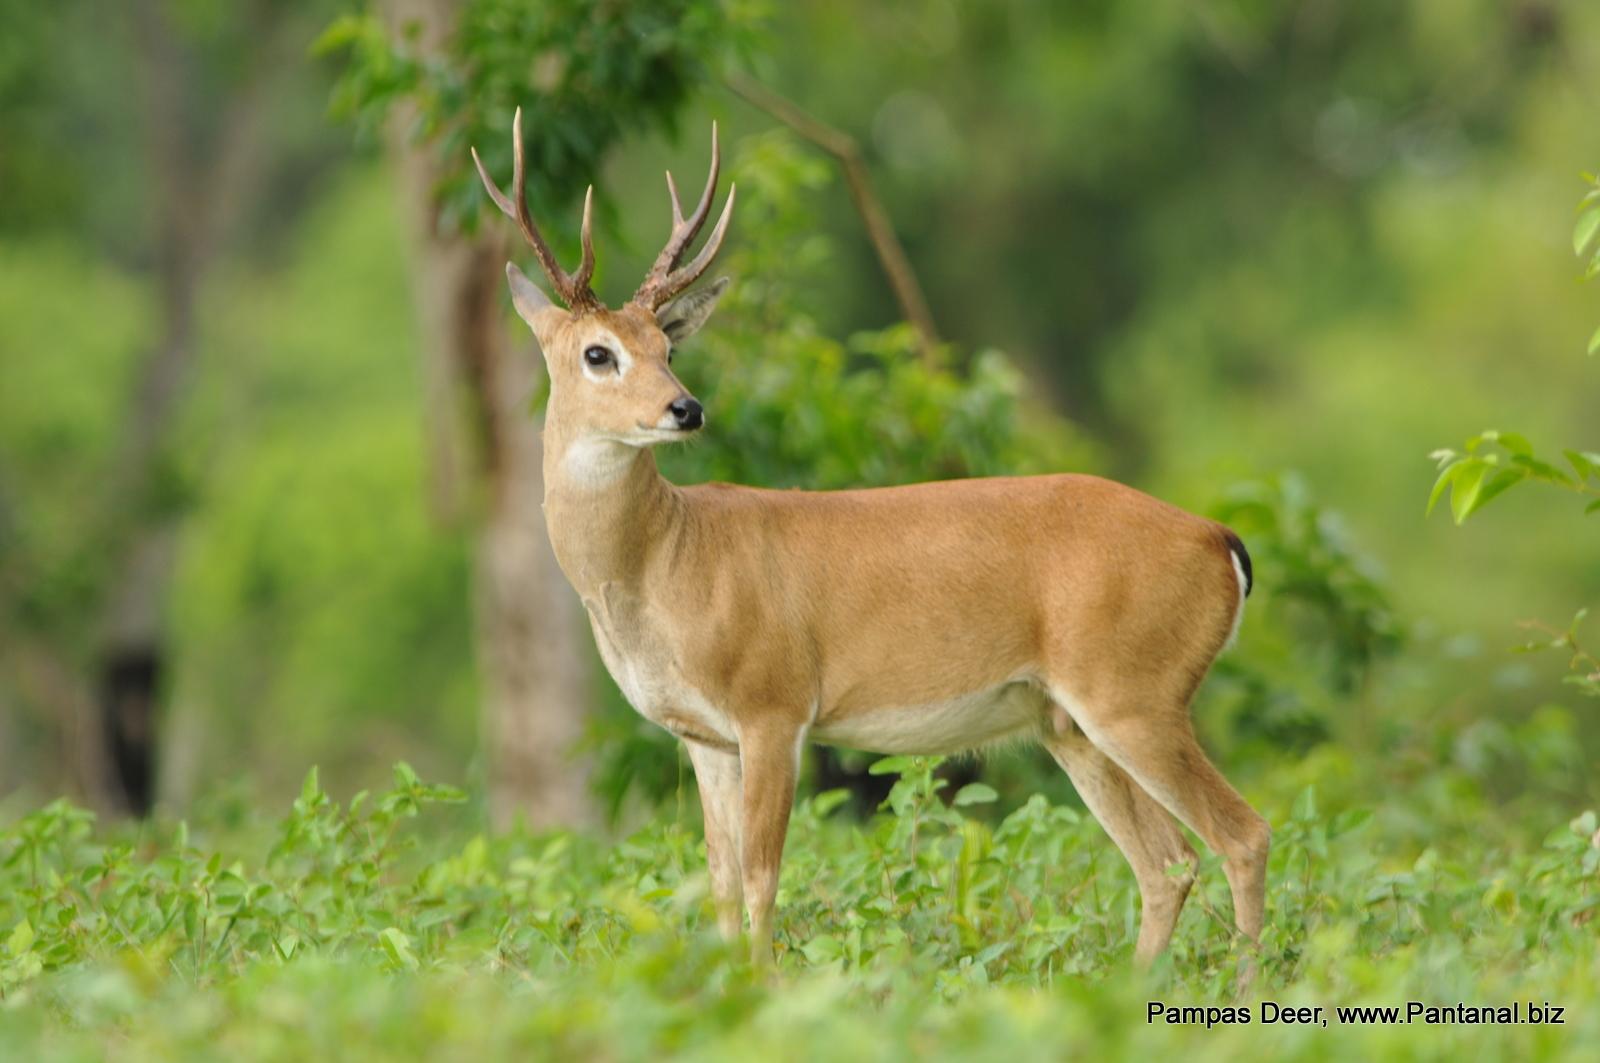 [Image: pampas+deer.JPG]